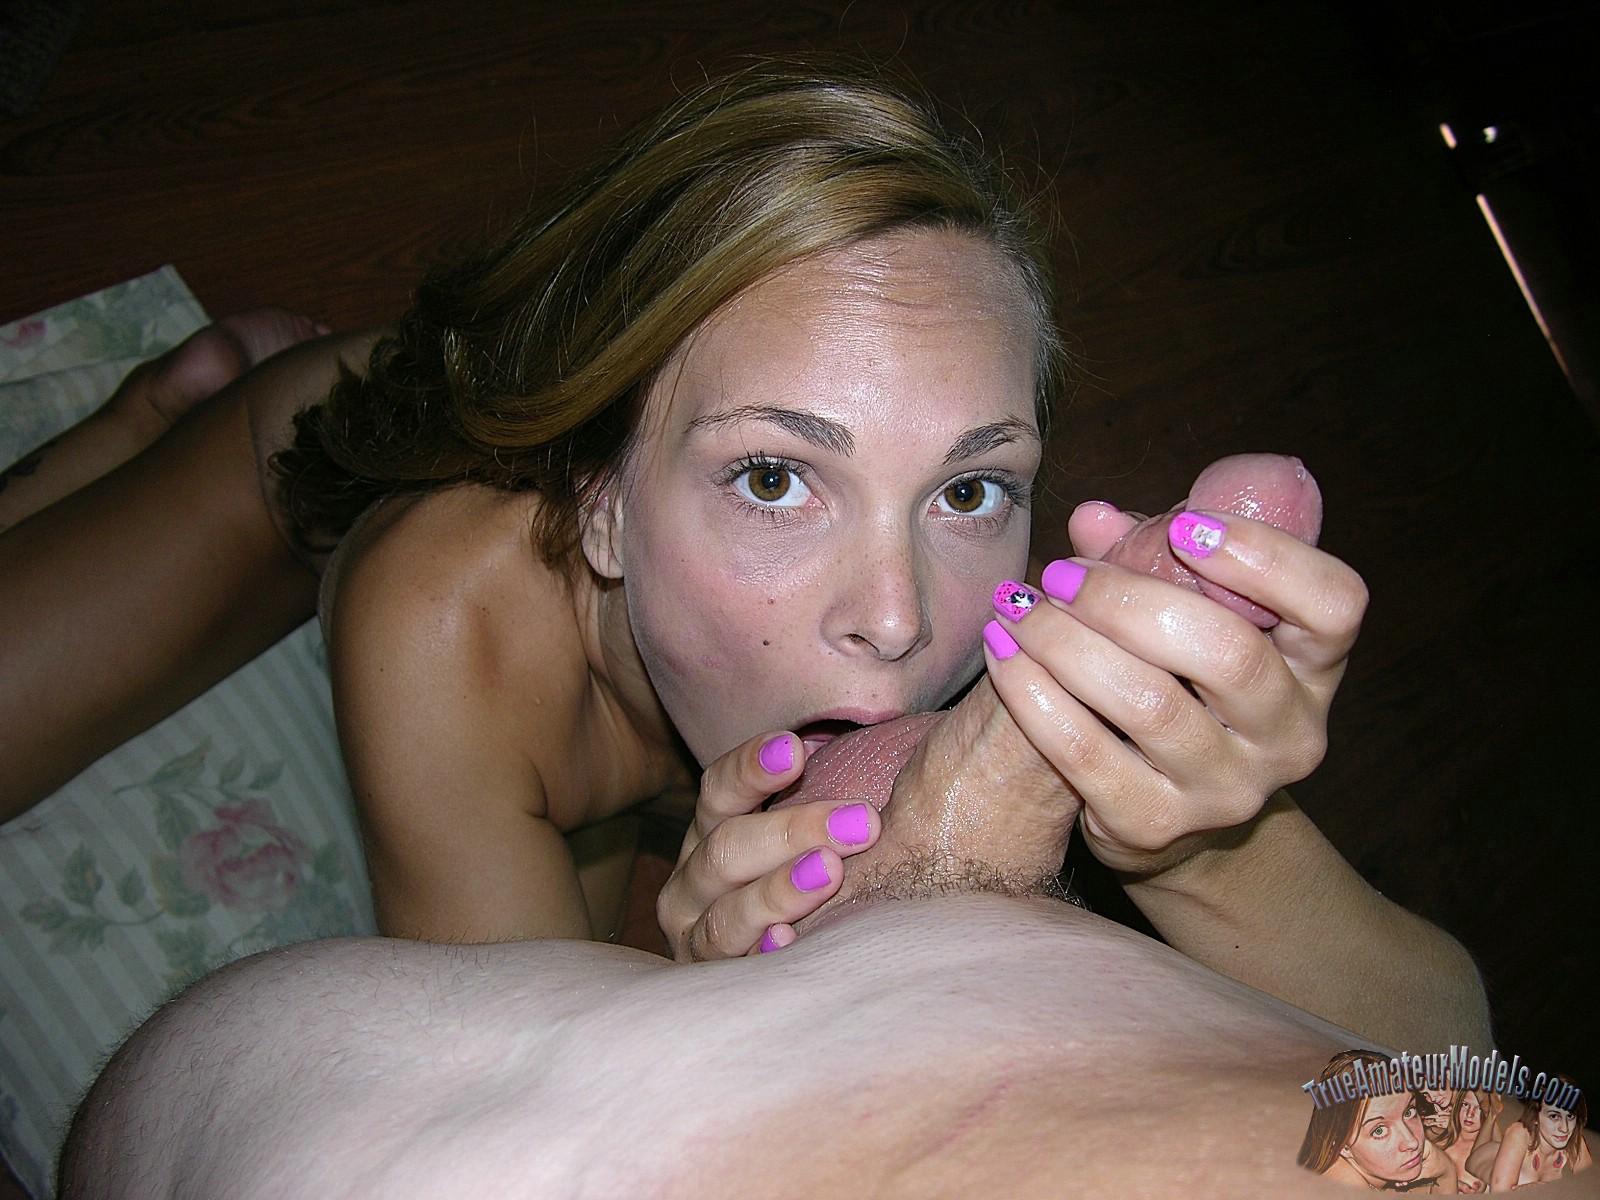 amateur handjob cum handjob amateur porn May Handjob geek asian porn exgf going at it for me to  orgasm